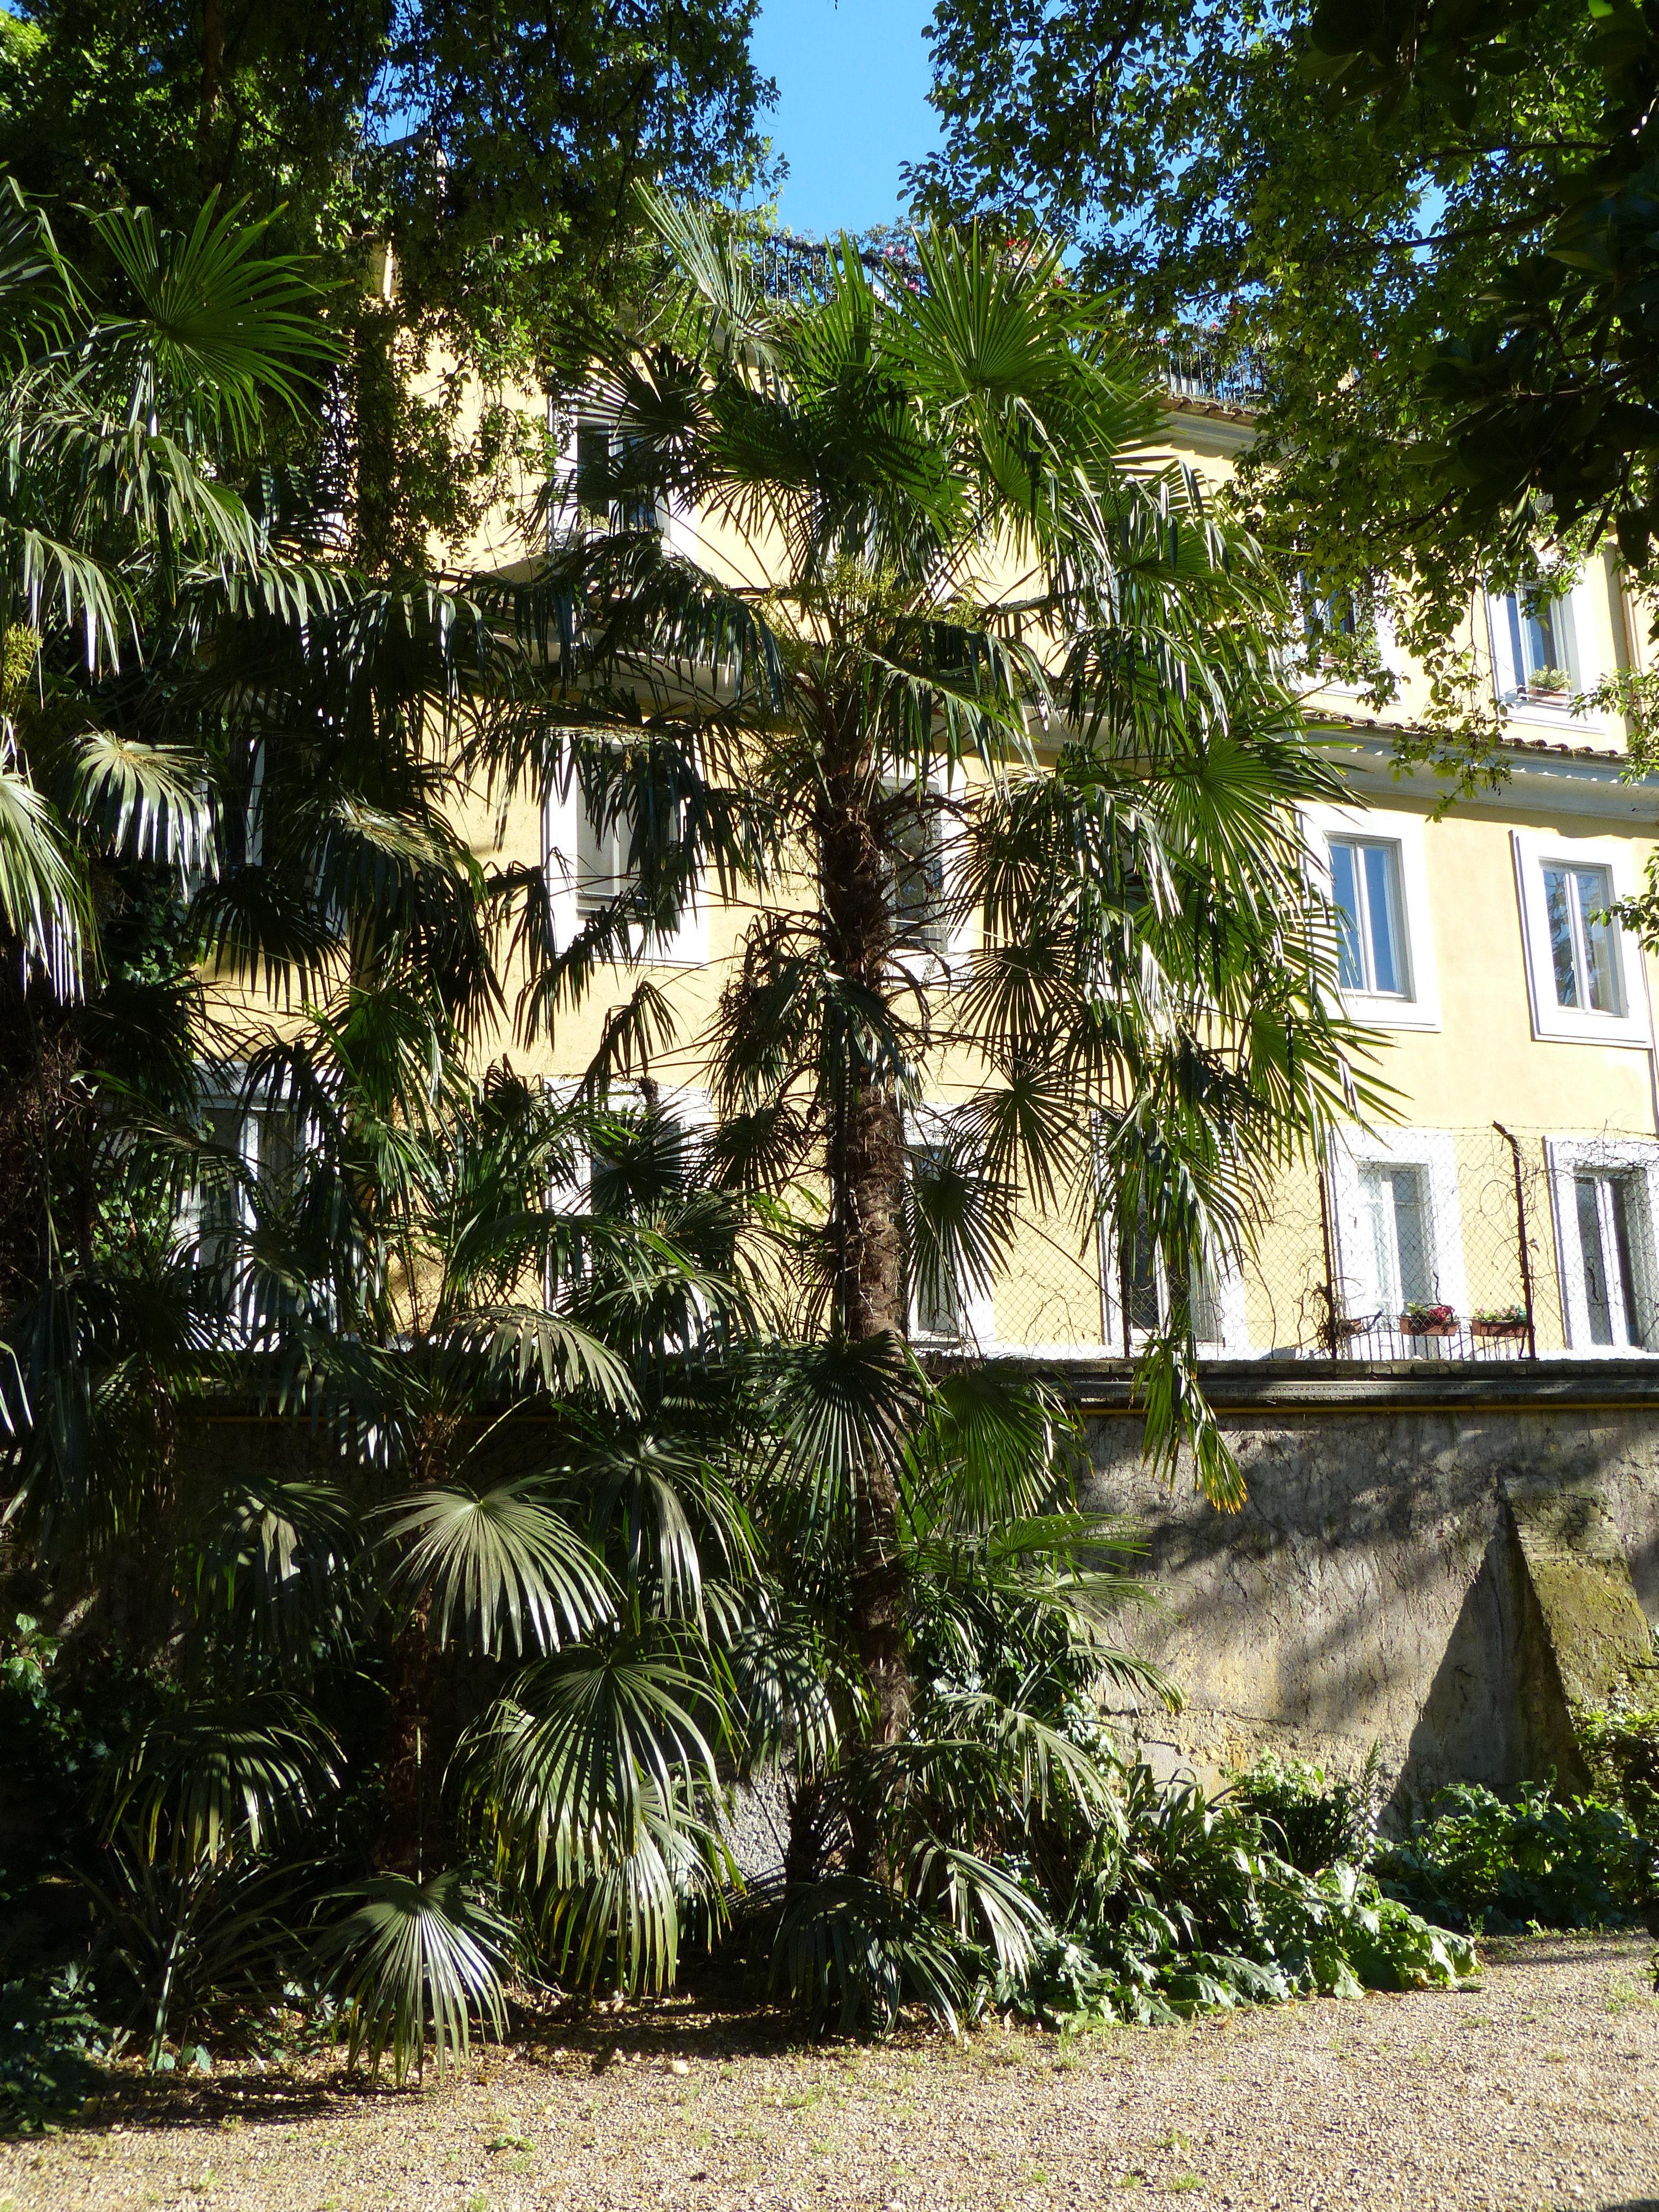 © Dipartimento di Scienze della Vita, Università di Trieste<br>by Andrea Moro<br>Comune di Roma, Orto Botanico dell'Università di Roma, Roma, Lazio, Italia, 02/05/2017<br>Distributed under CC-BY-SA 4.0 license.